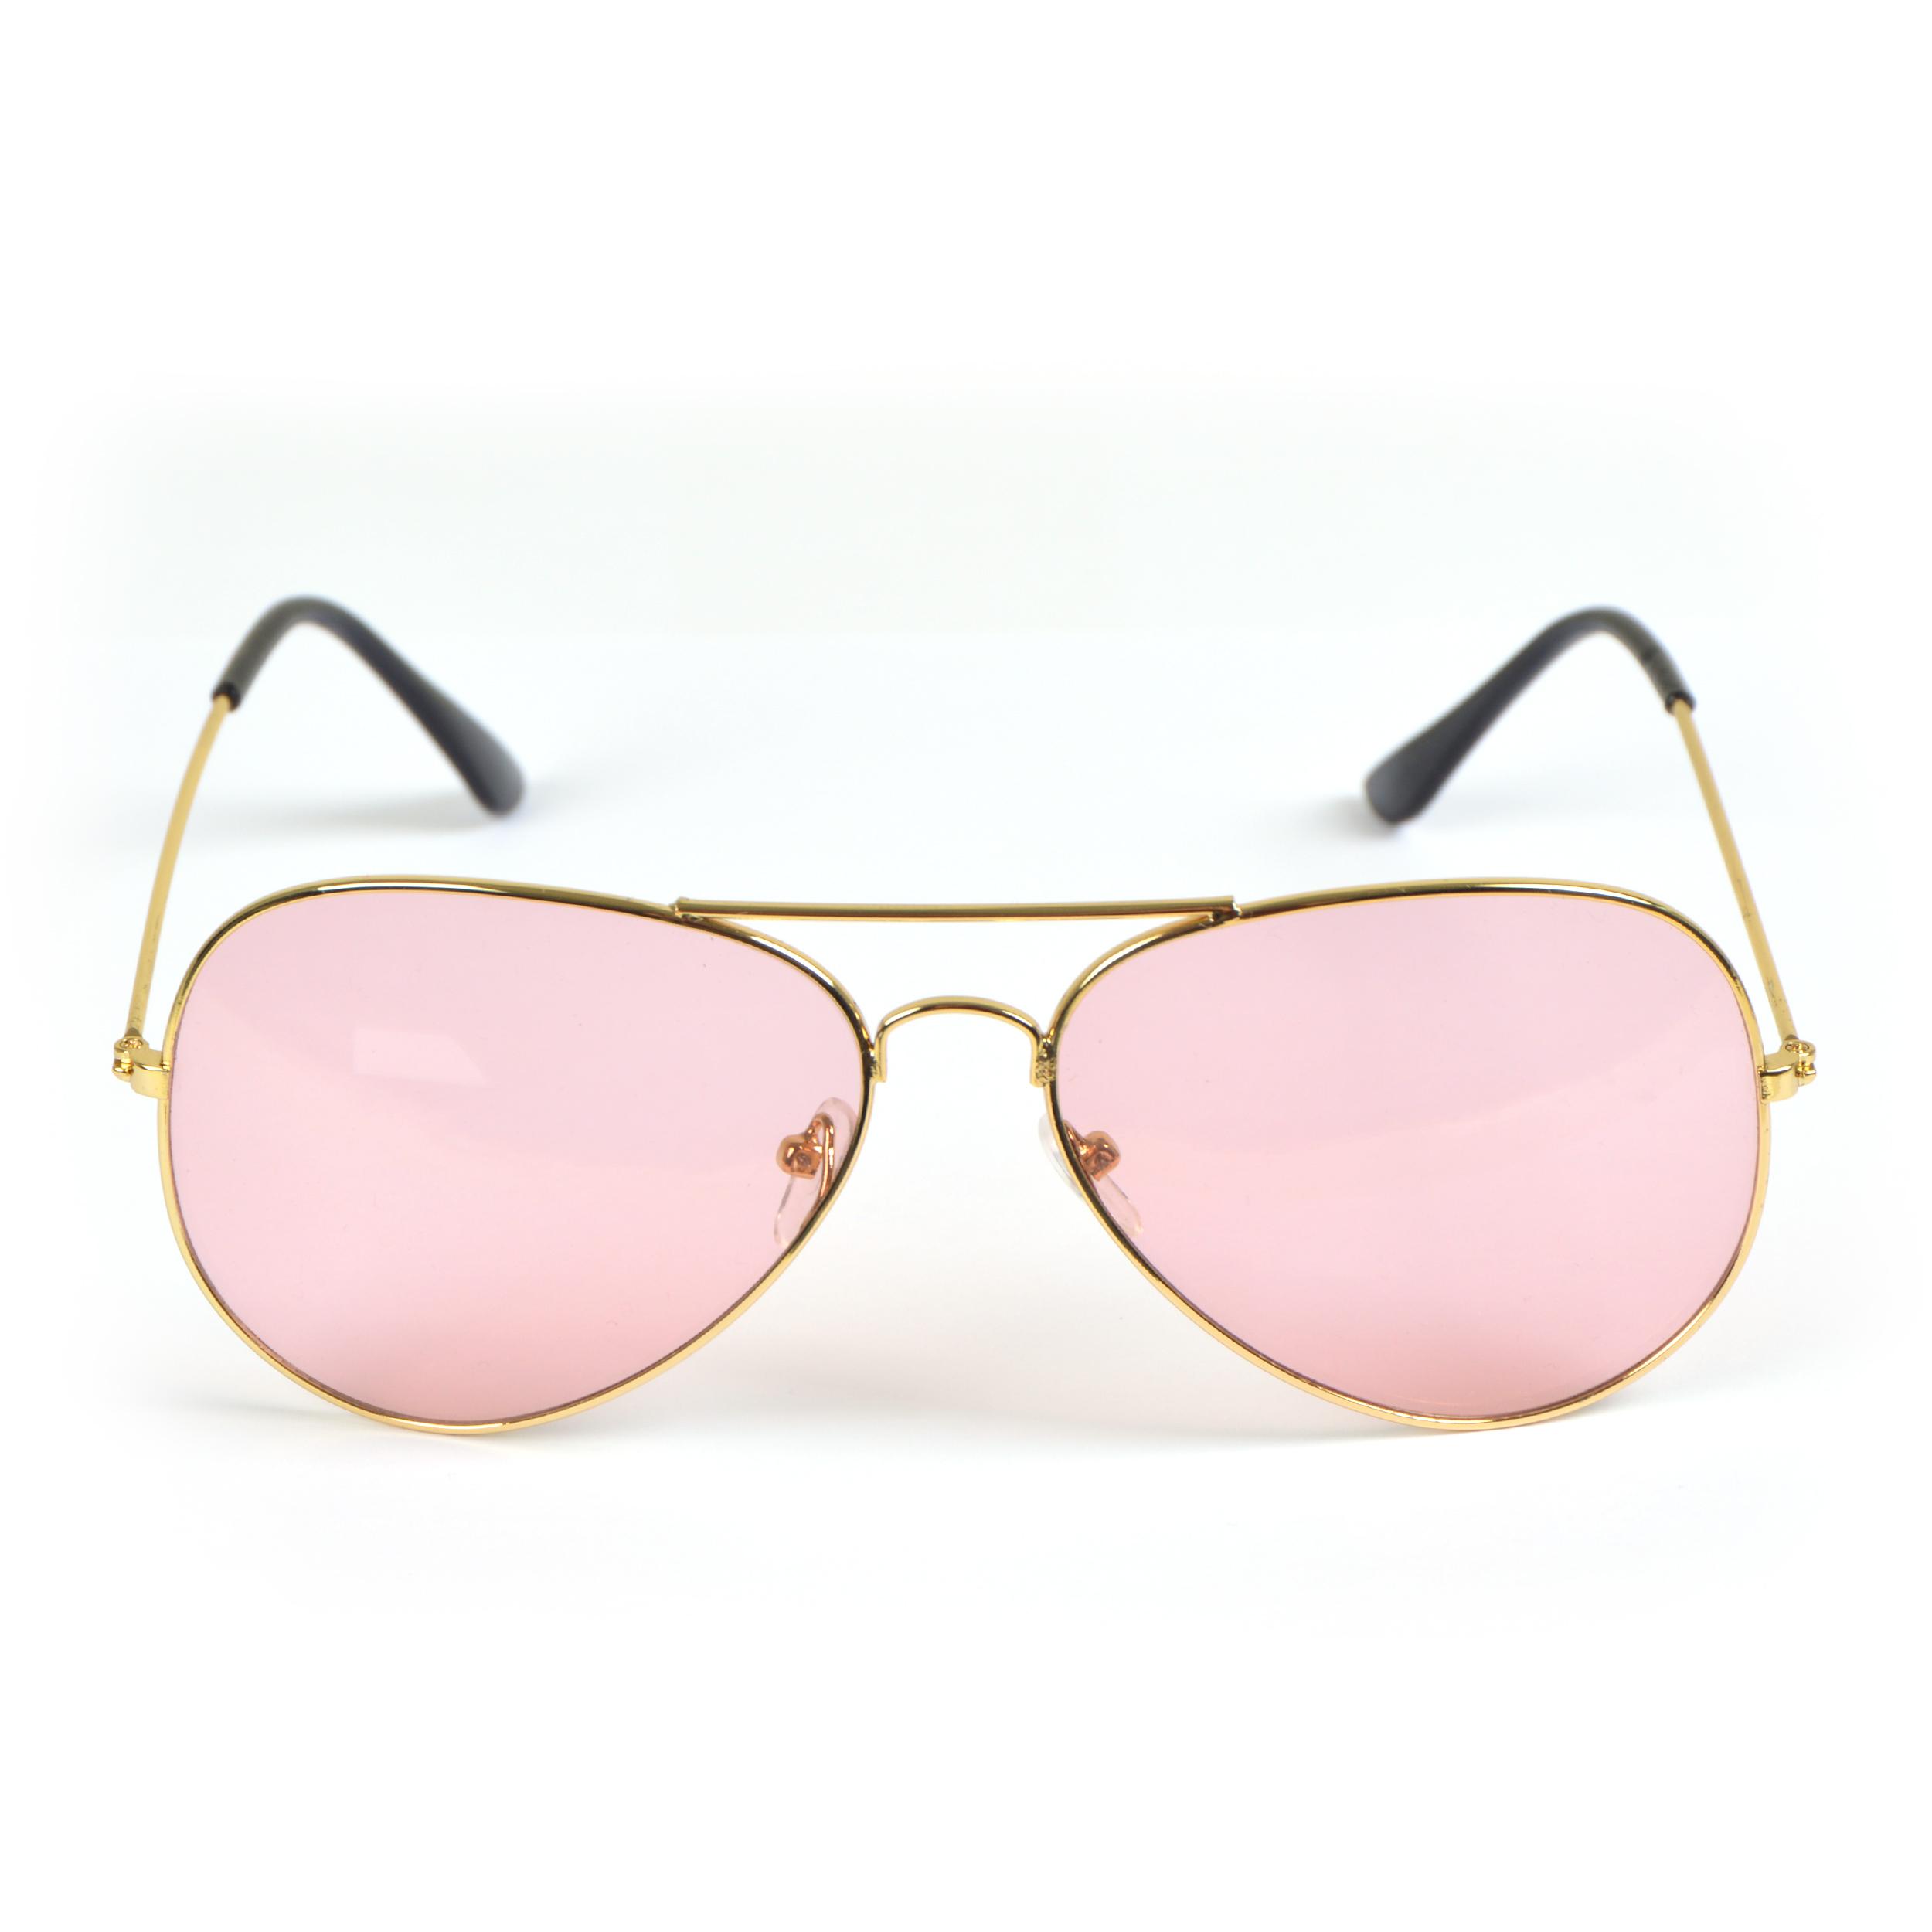 Sonnenbrille, Light, Pilotenbrille - Goldfassung, Gläser pink